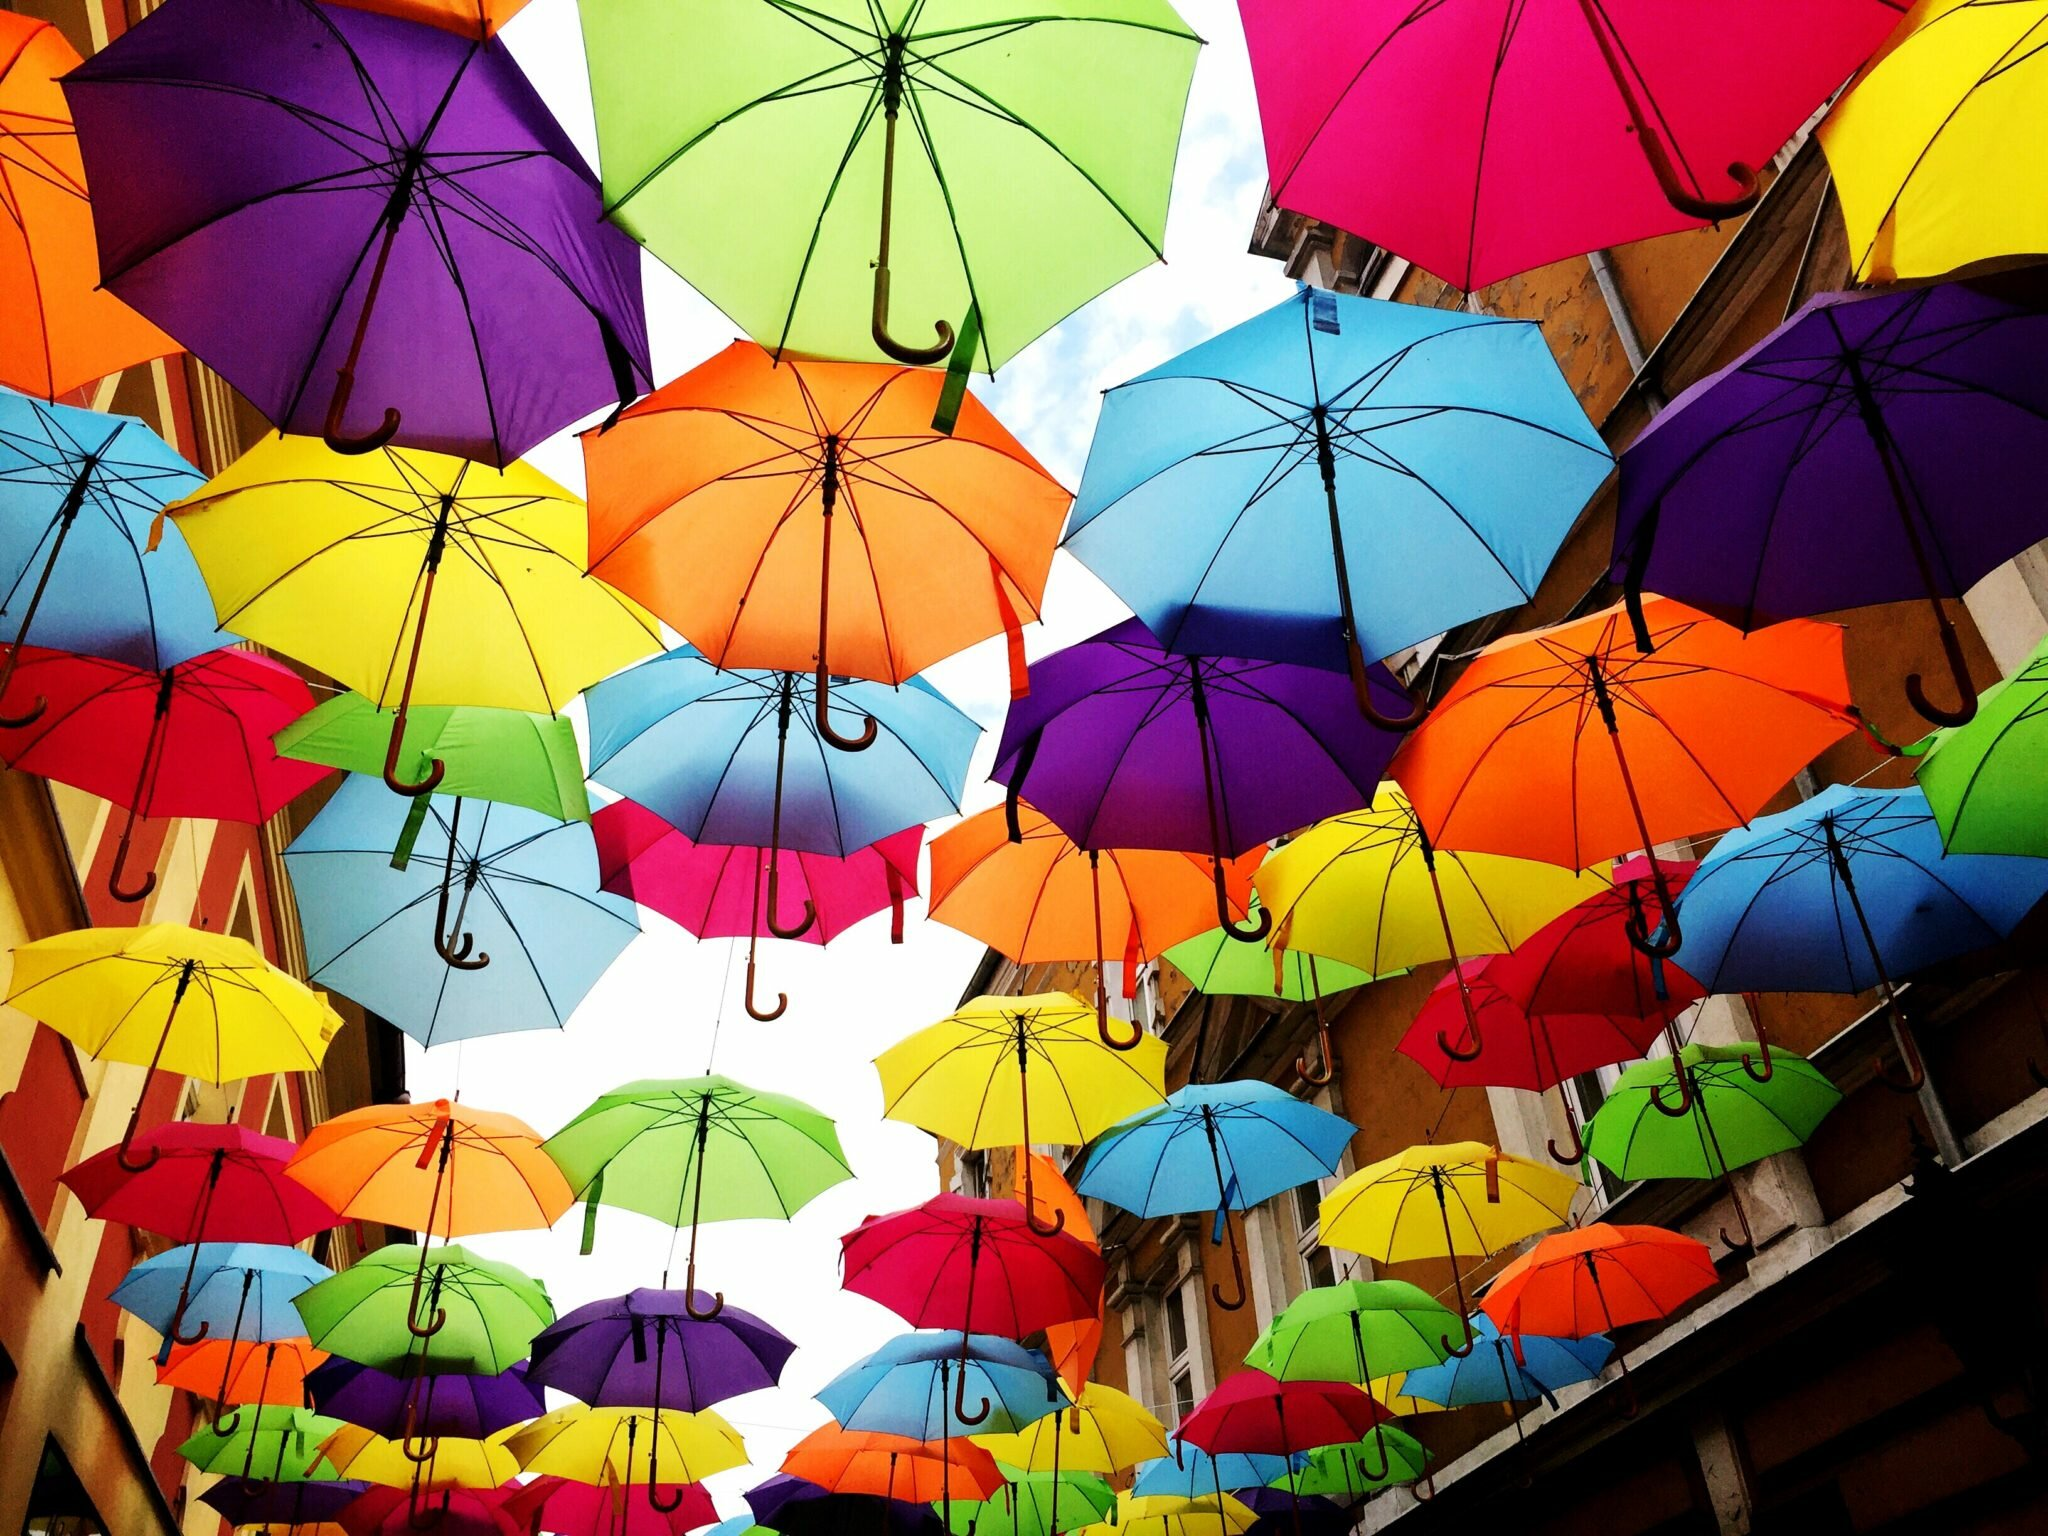 zdjęcie kolorowycparasolek podążanie za marzeniami